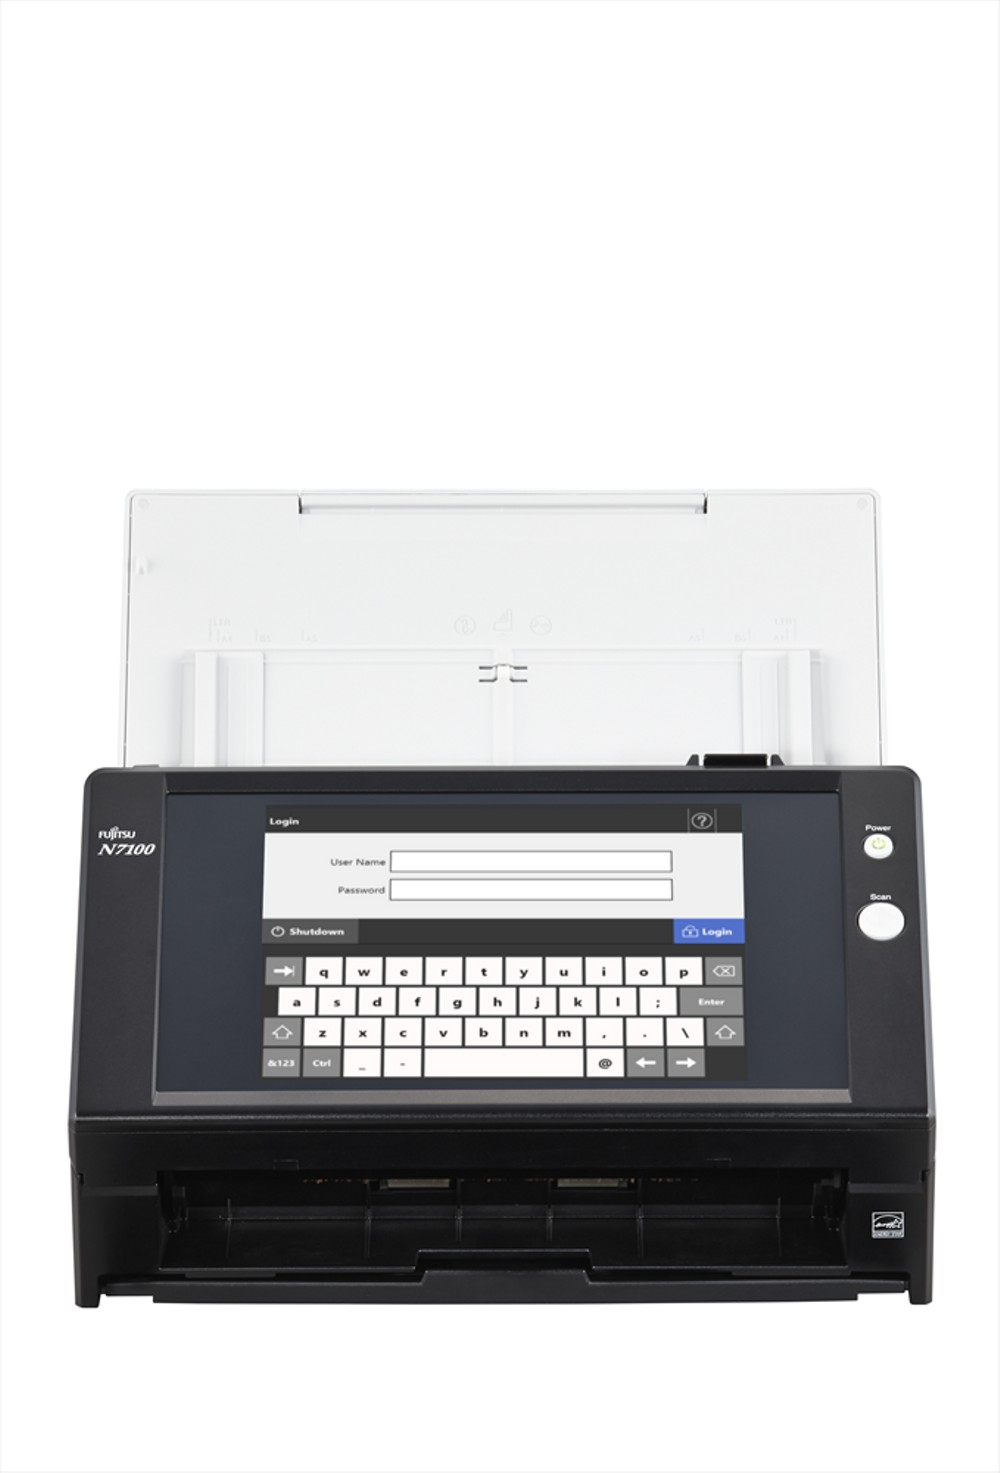 Fujitsu N7100 Scanner Image 3